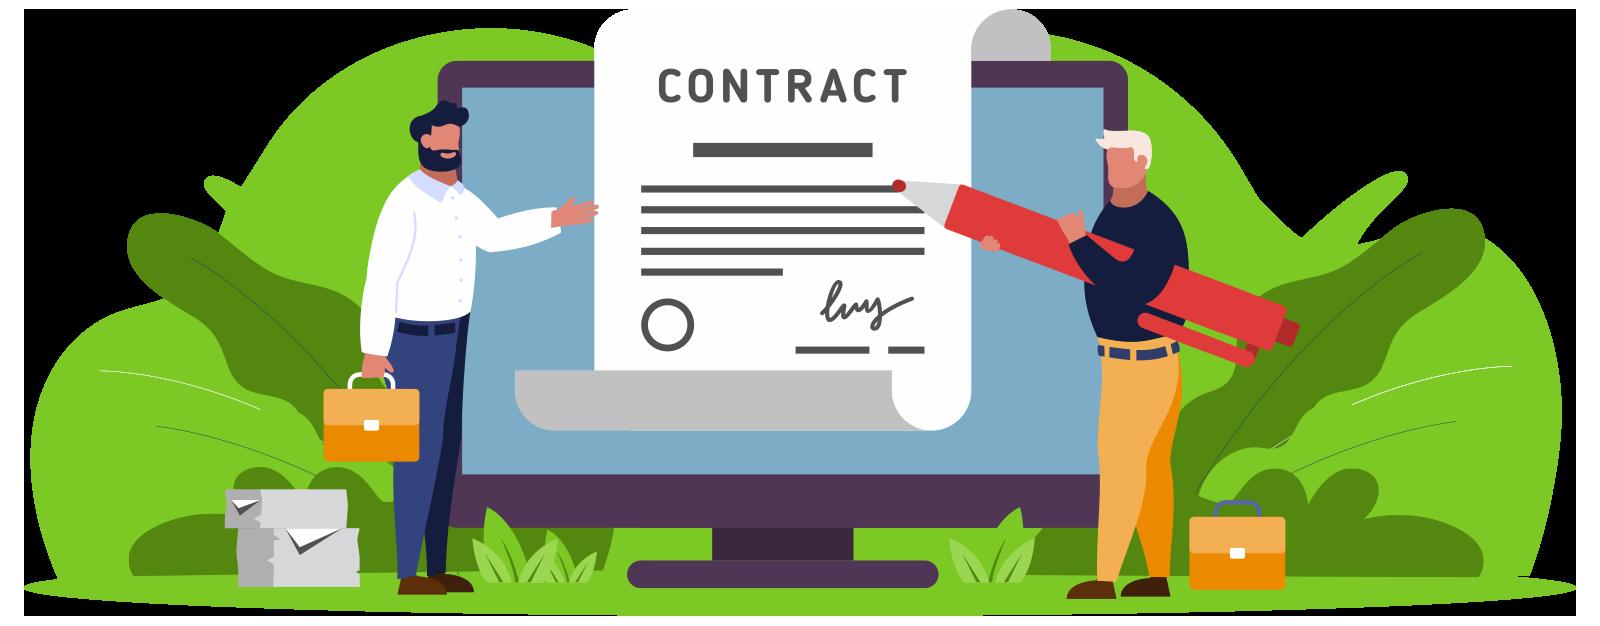 Condizioni contrattuali Hosting Gratis